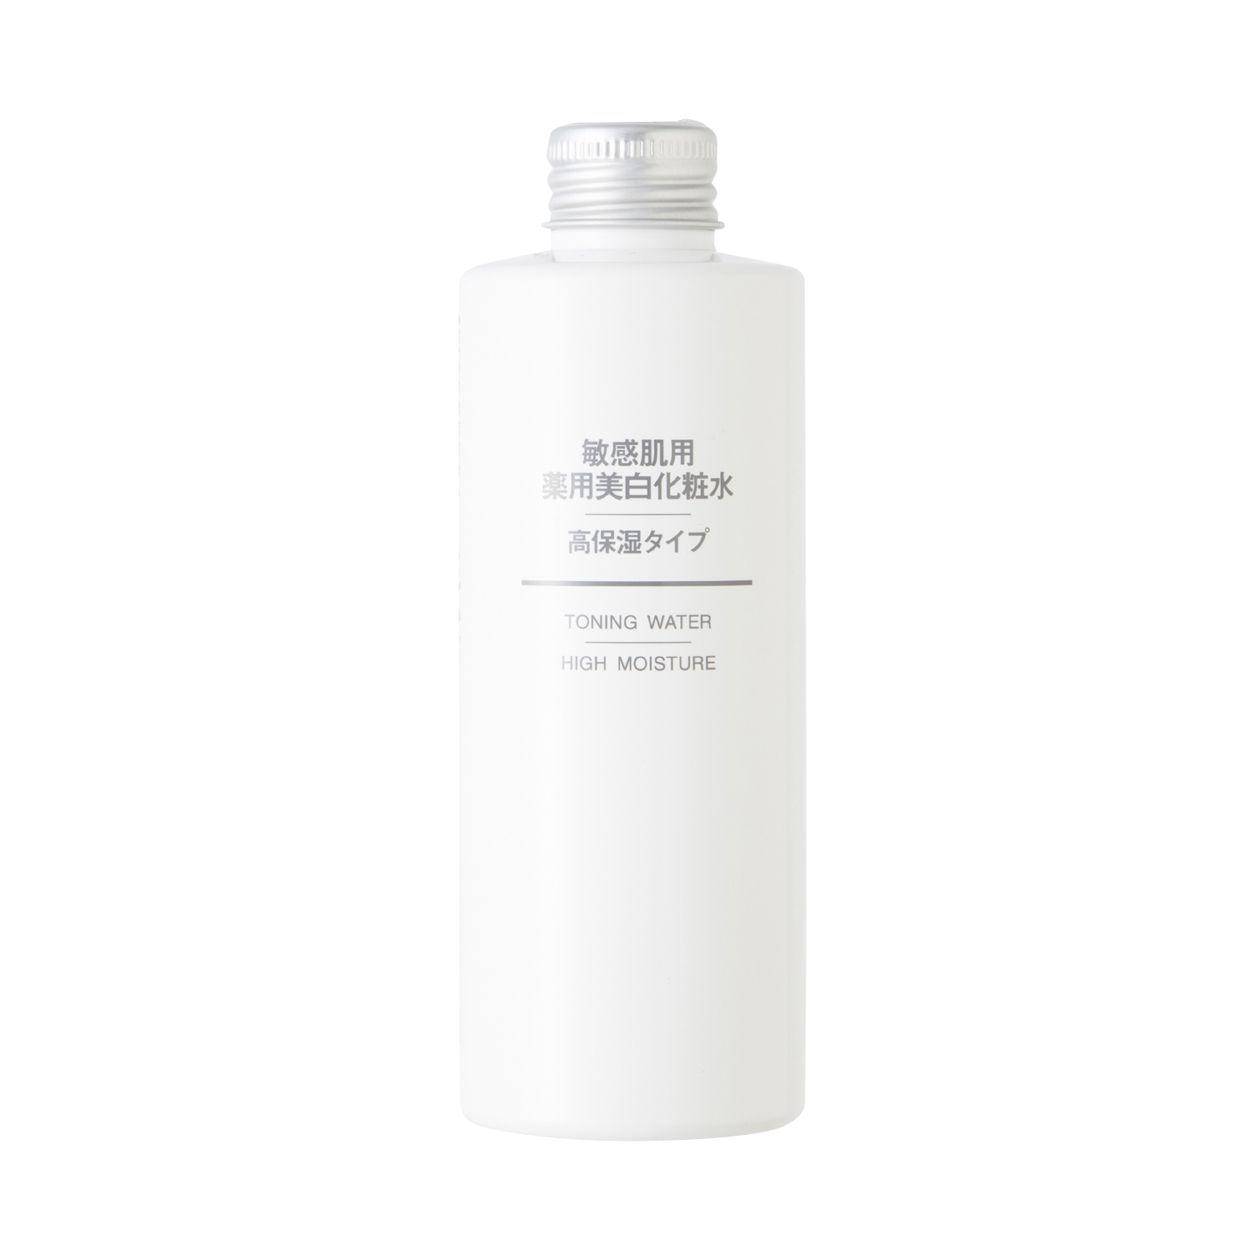 敏感肌用薬用美白化粧水・高保湿タイプ